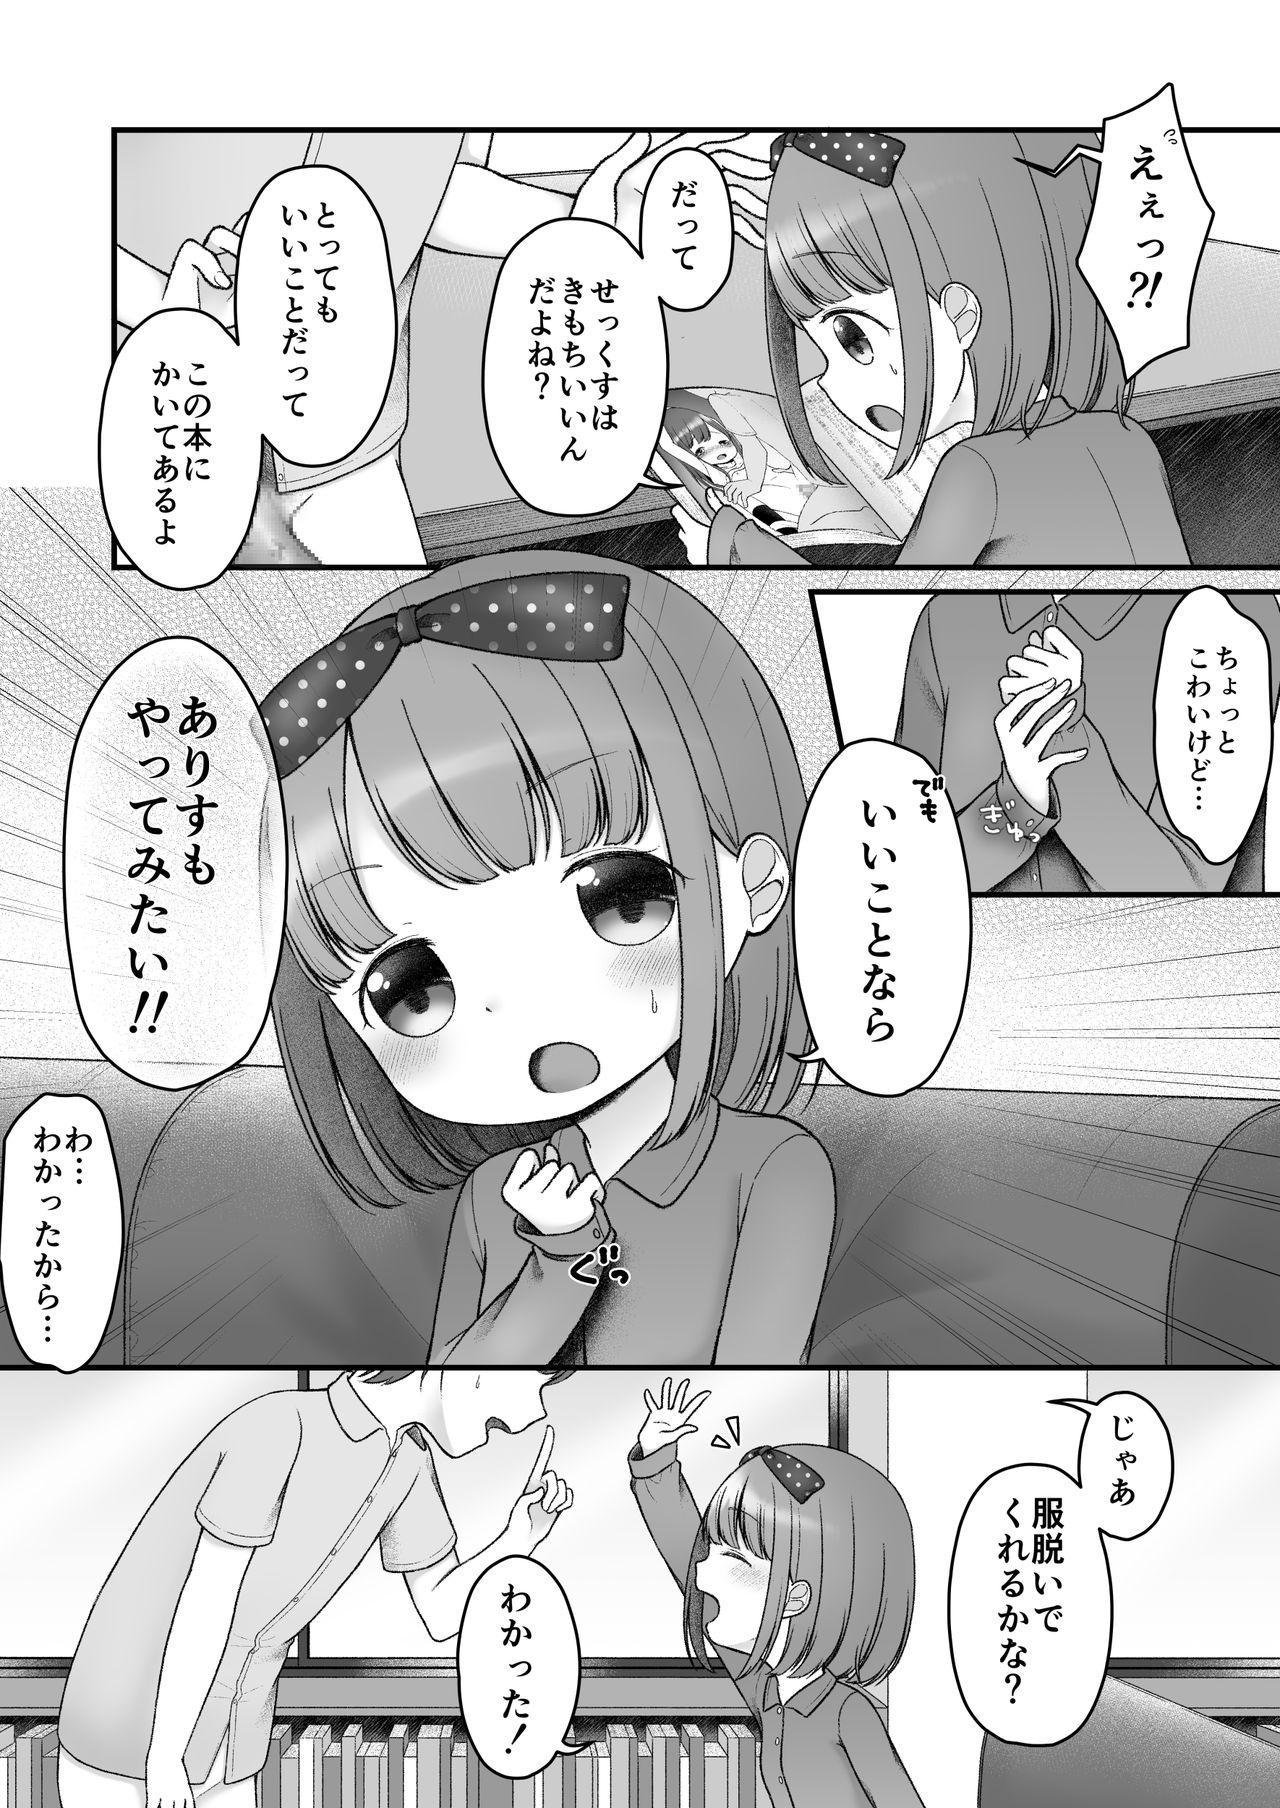 Ehon no Kuni no Arisu 15